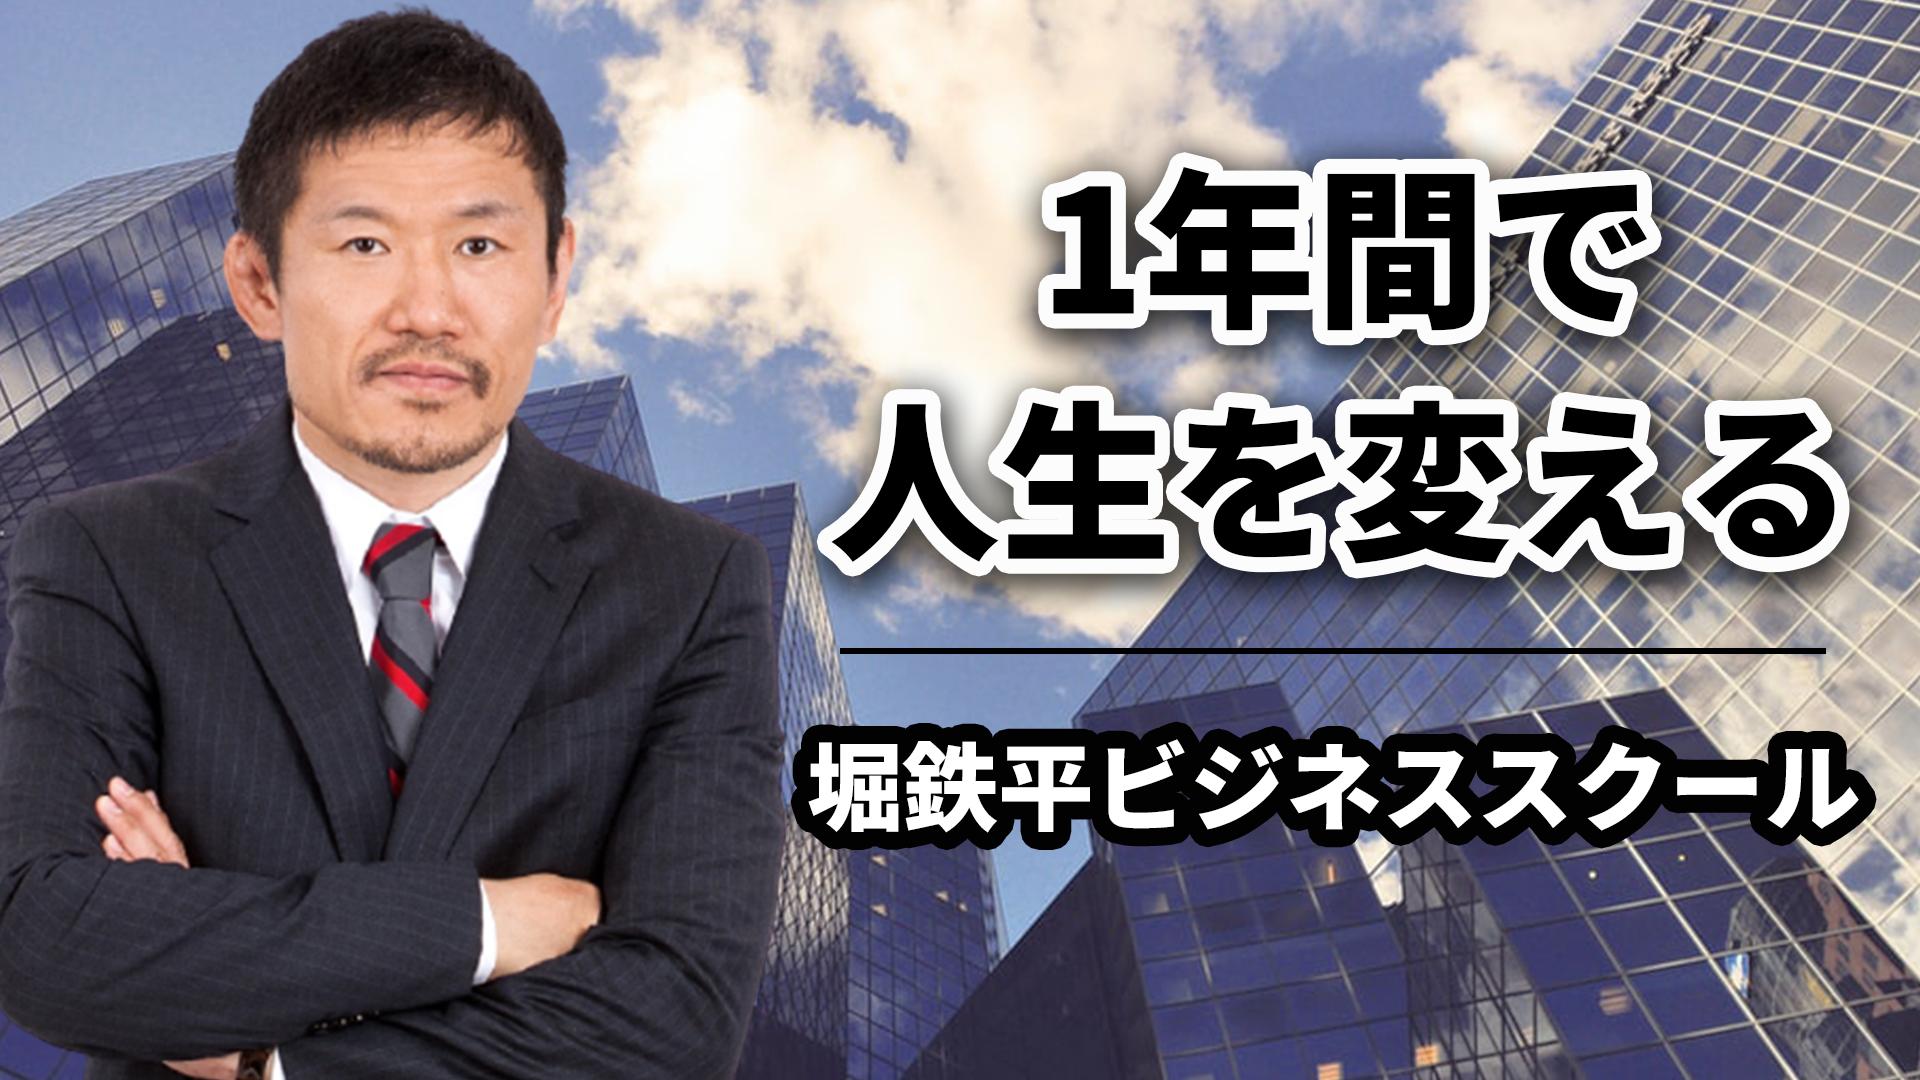 堀鉄平ビジネススクール